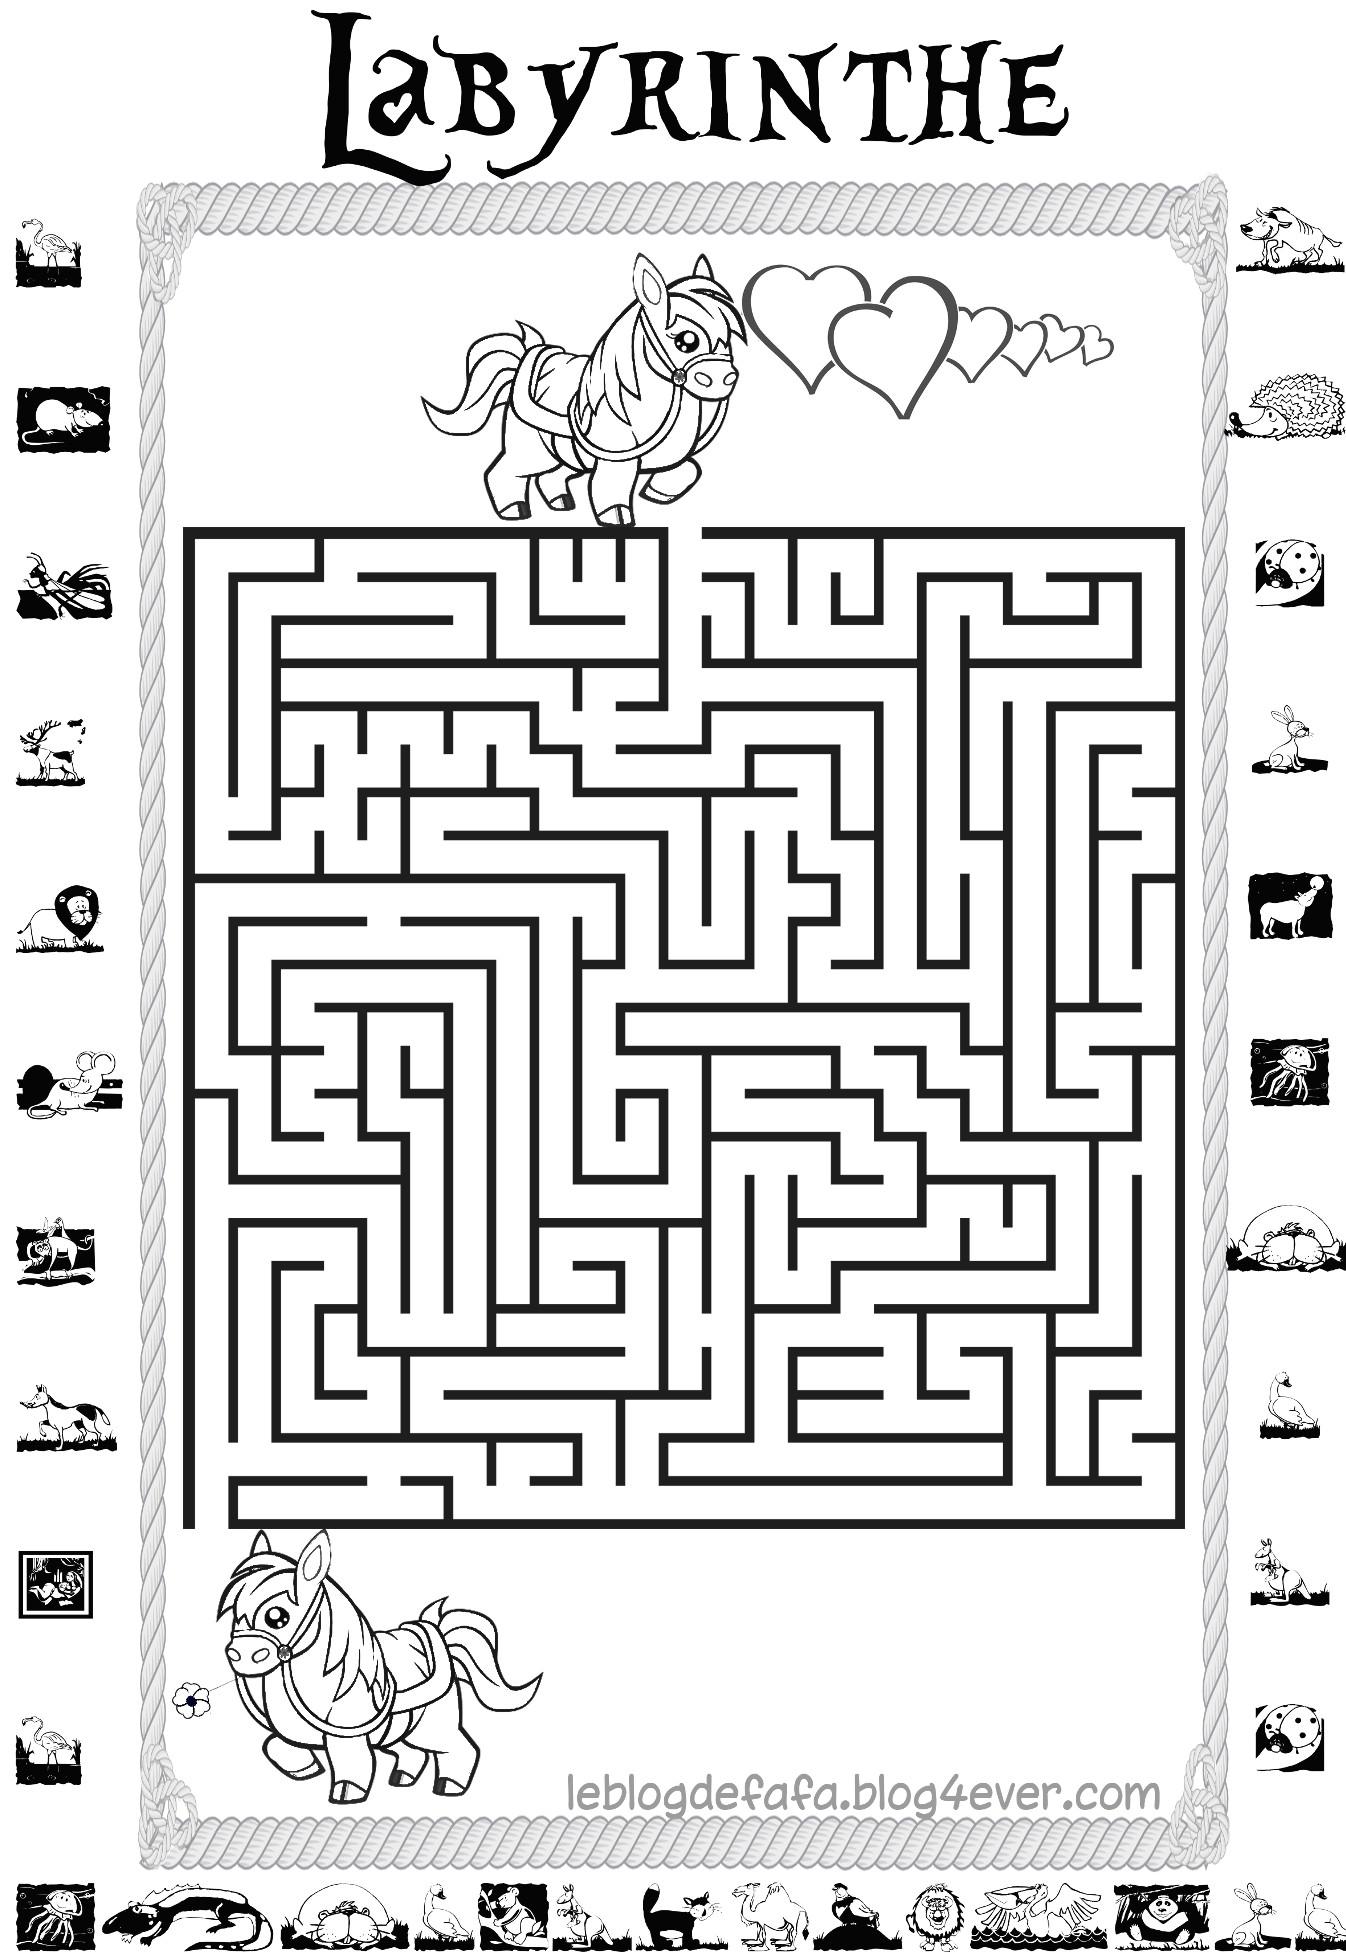 labyrinthe1aimprimer.jpg